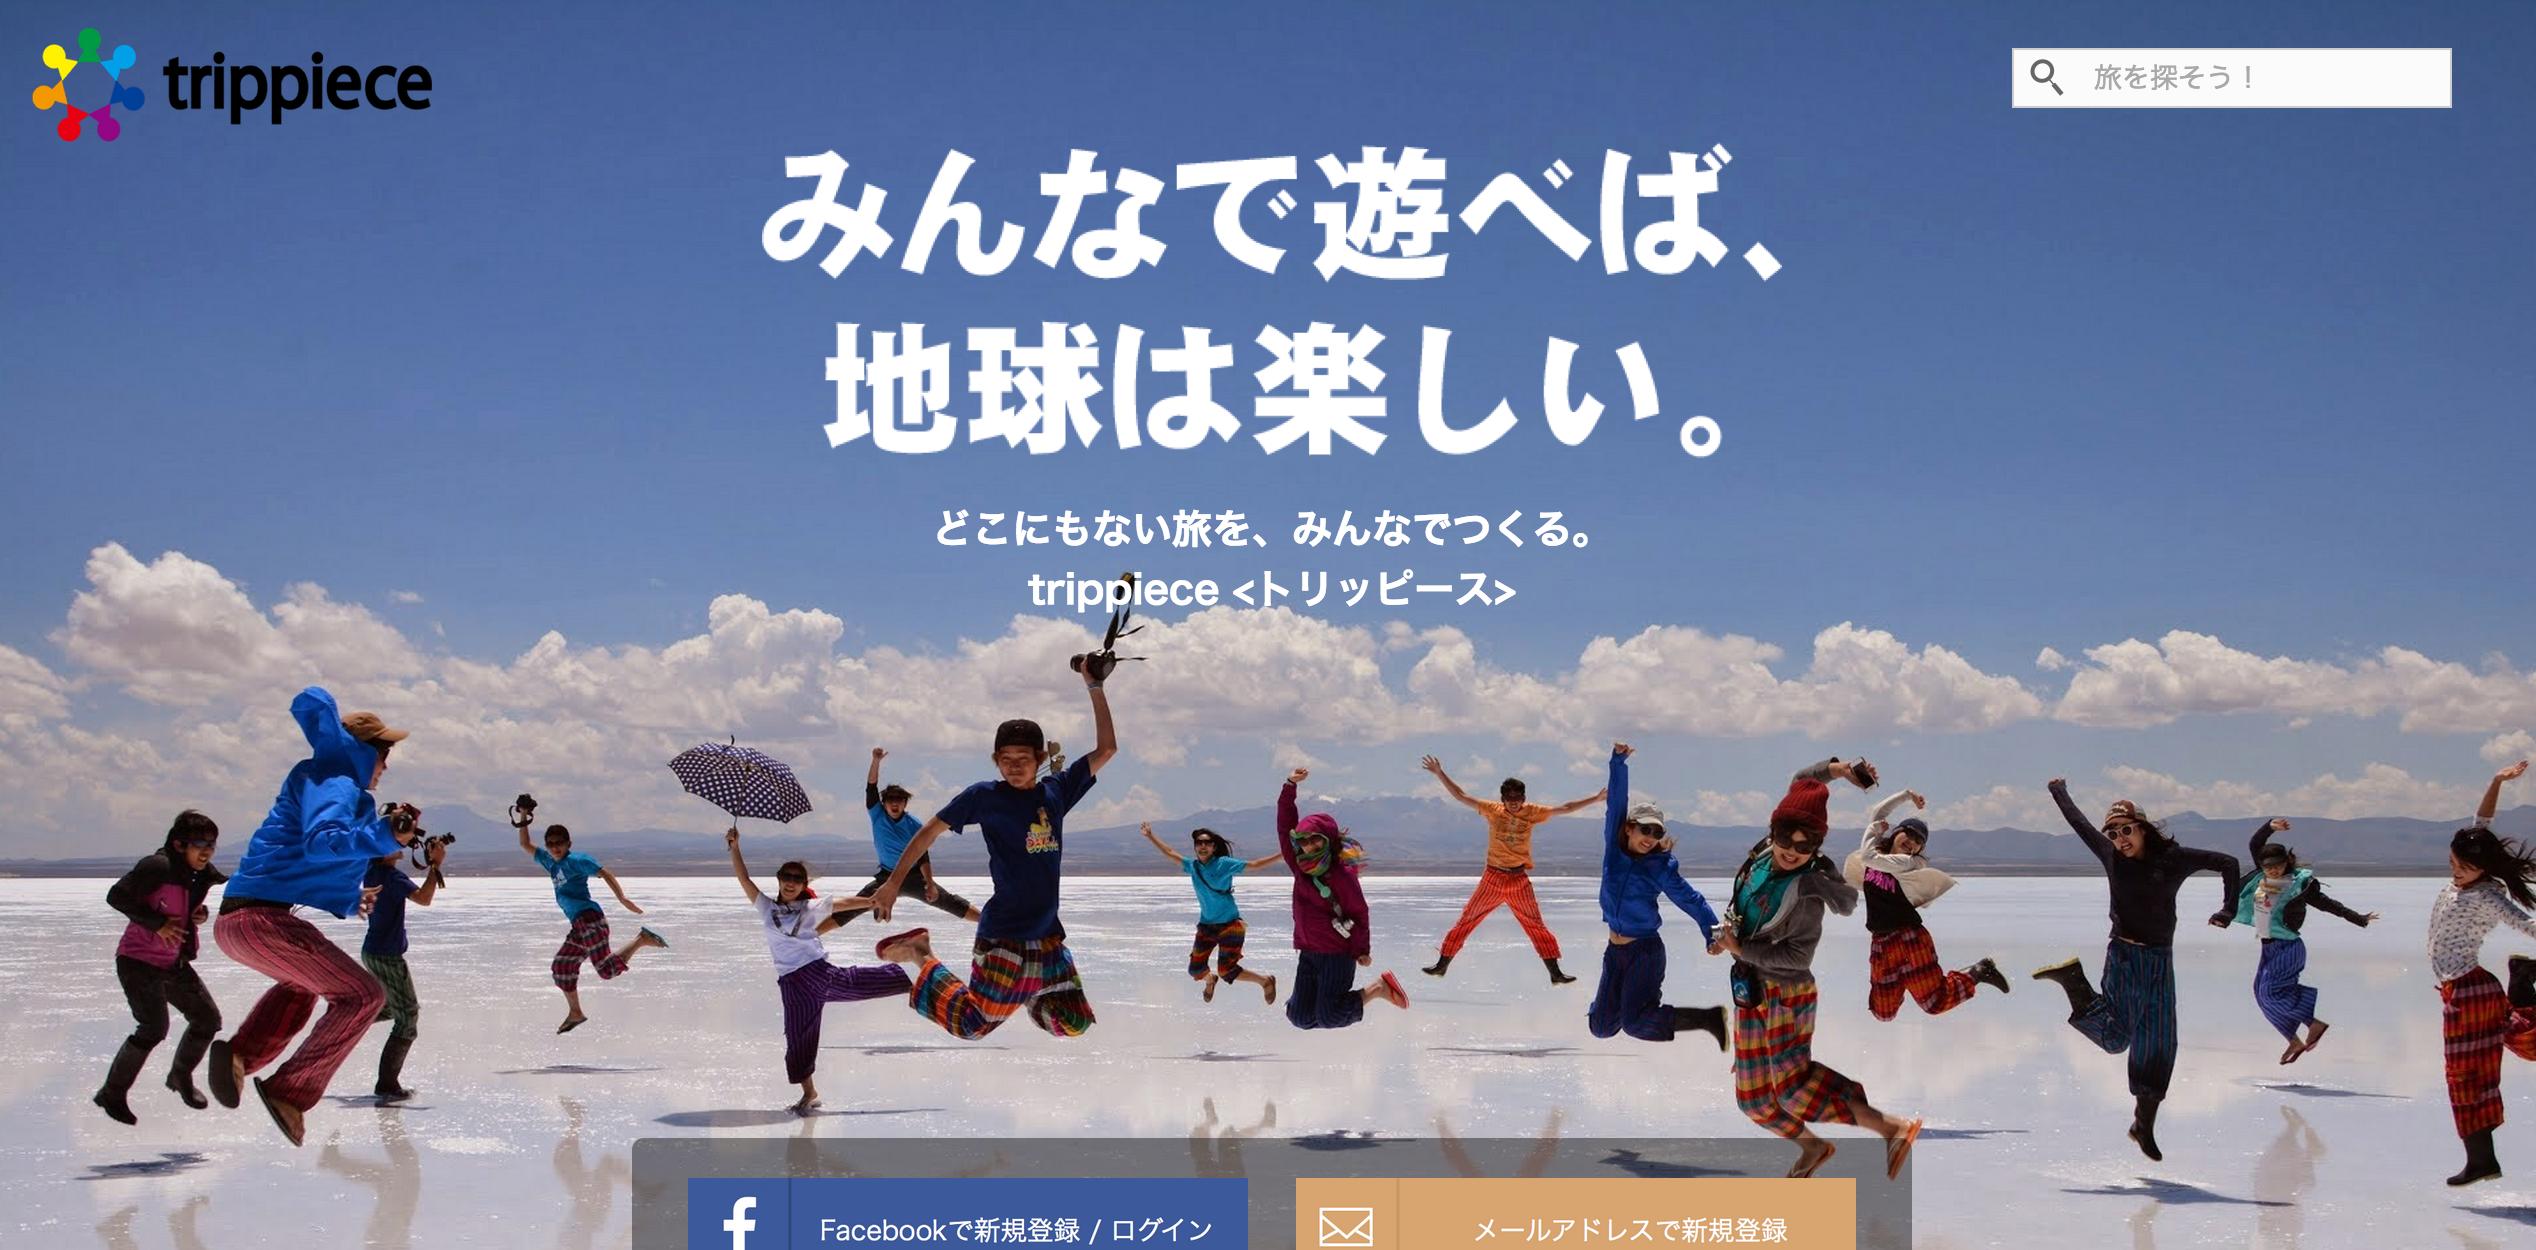 スクリーンショット 2015-06-18 15.50.56